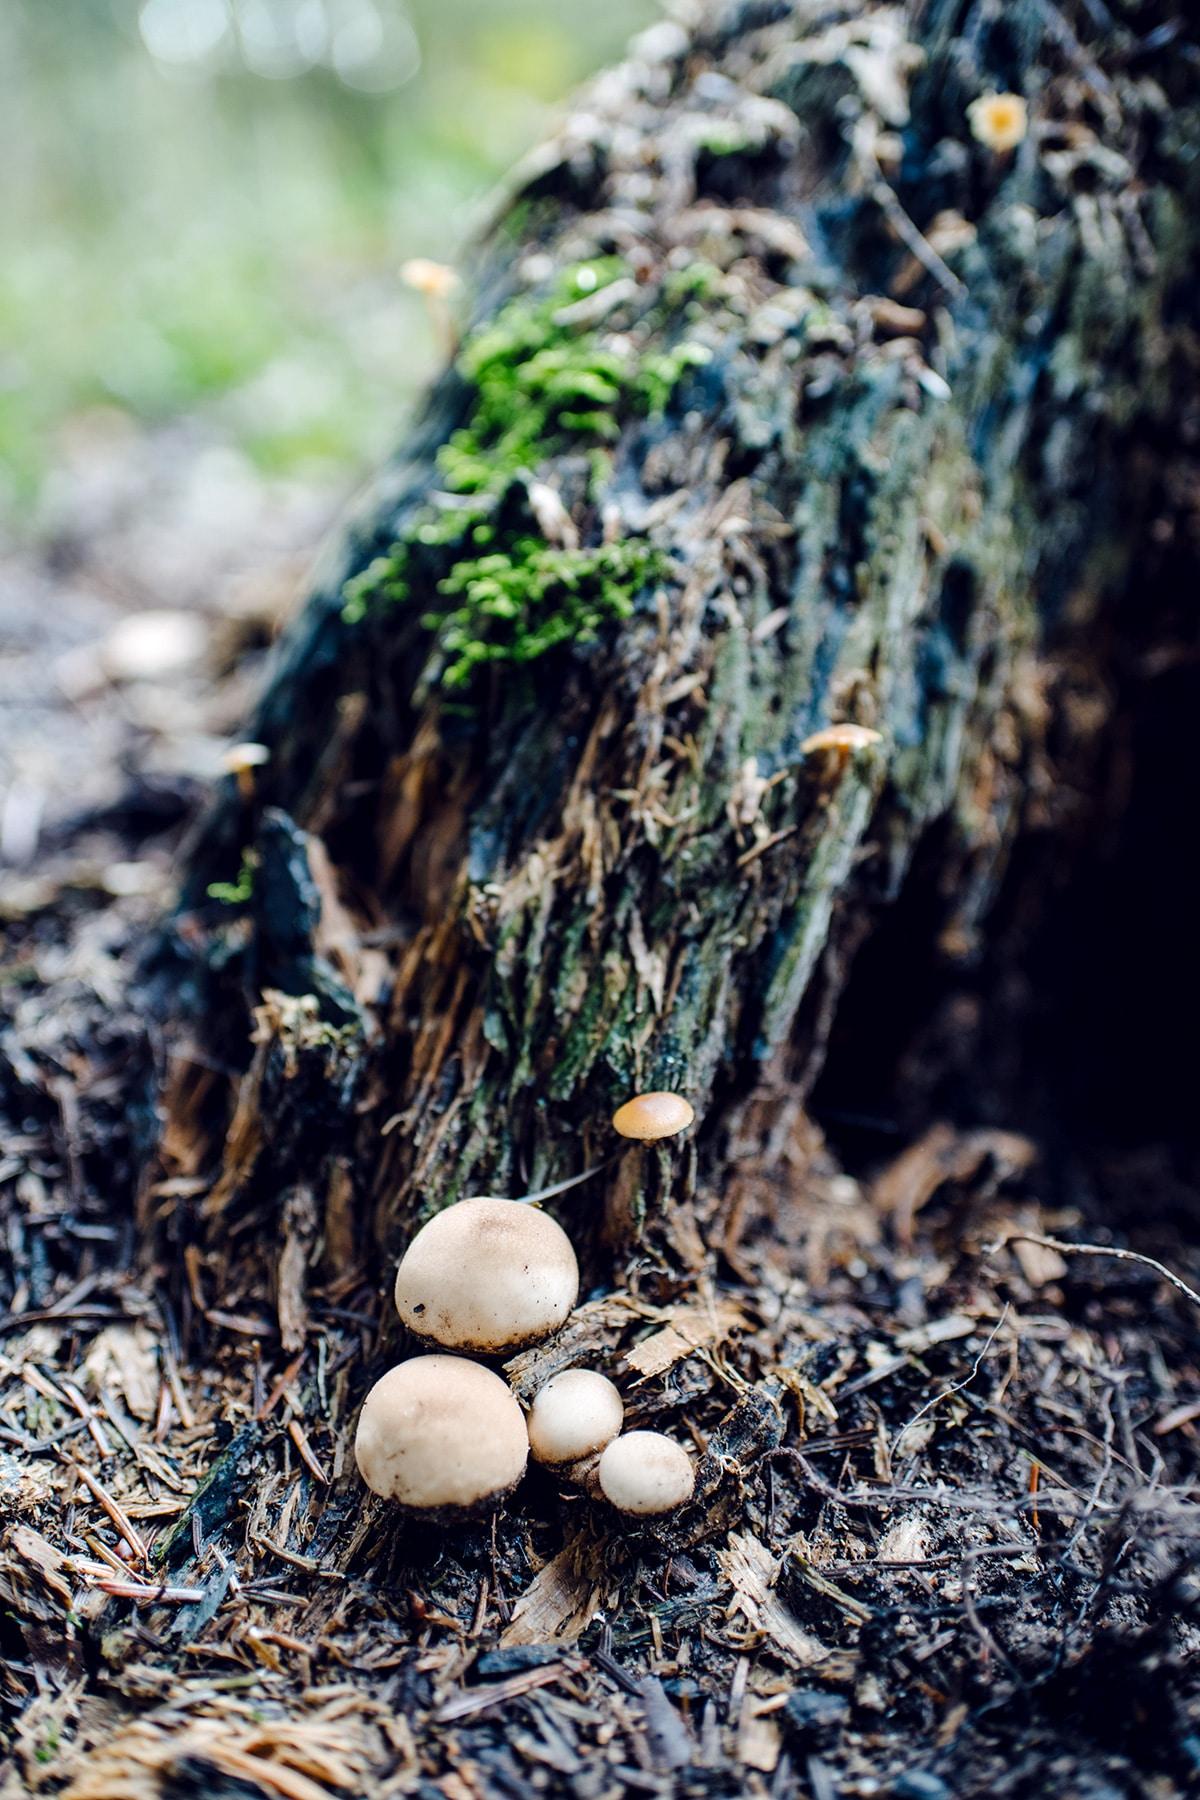 Cinq petits champignons ronds et bruns, poussant au pied d'une souche d'arbe mort –Promenade automnale dans la forêt de Petinesca